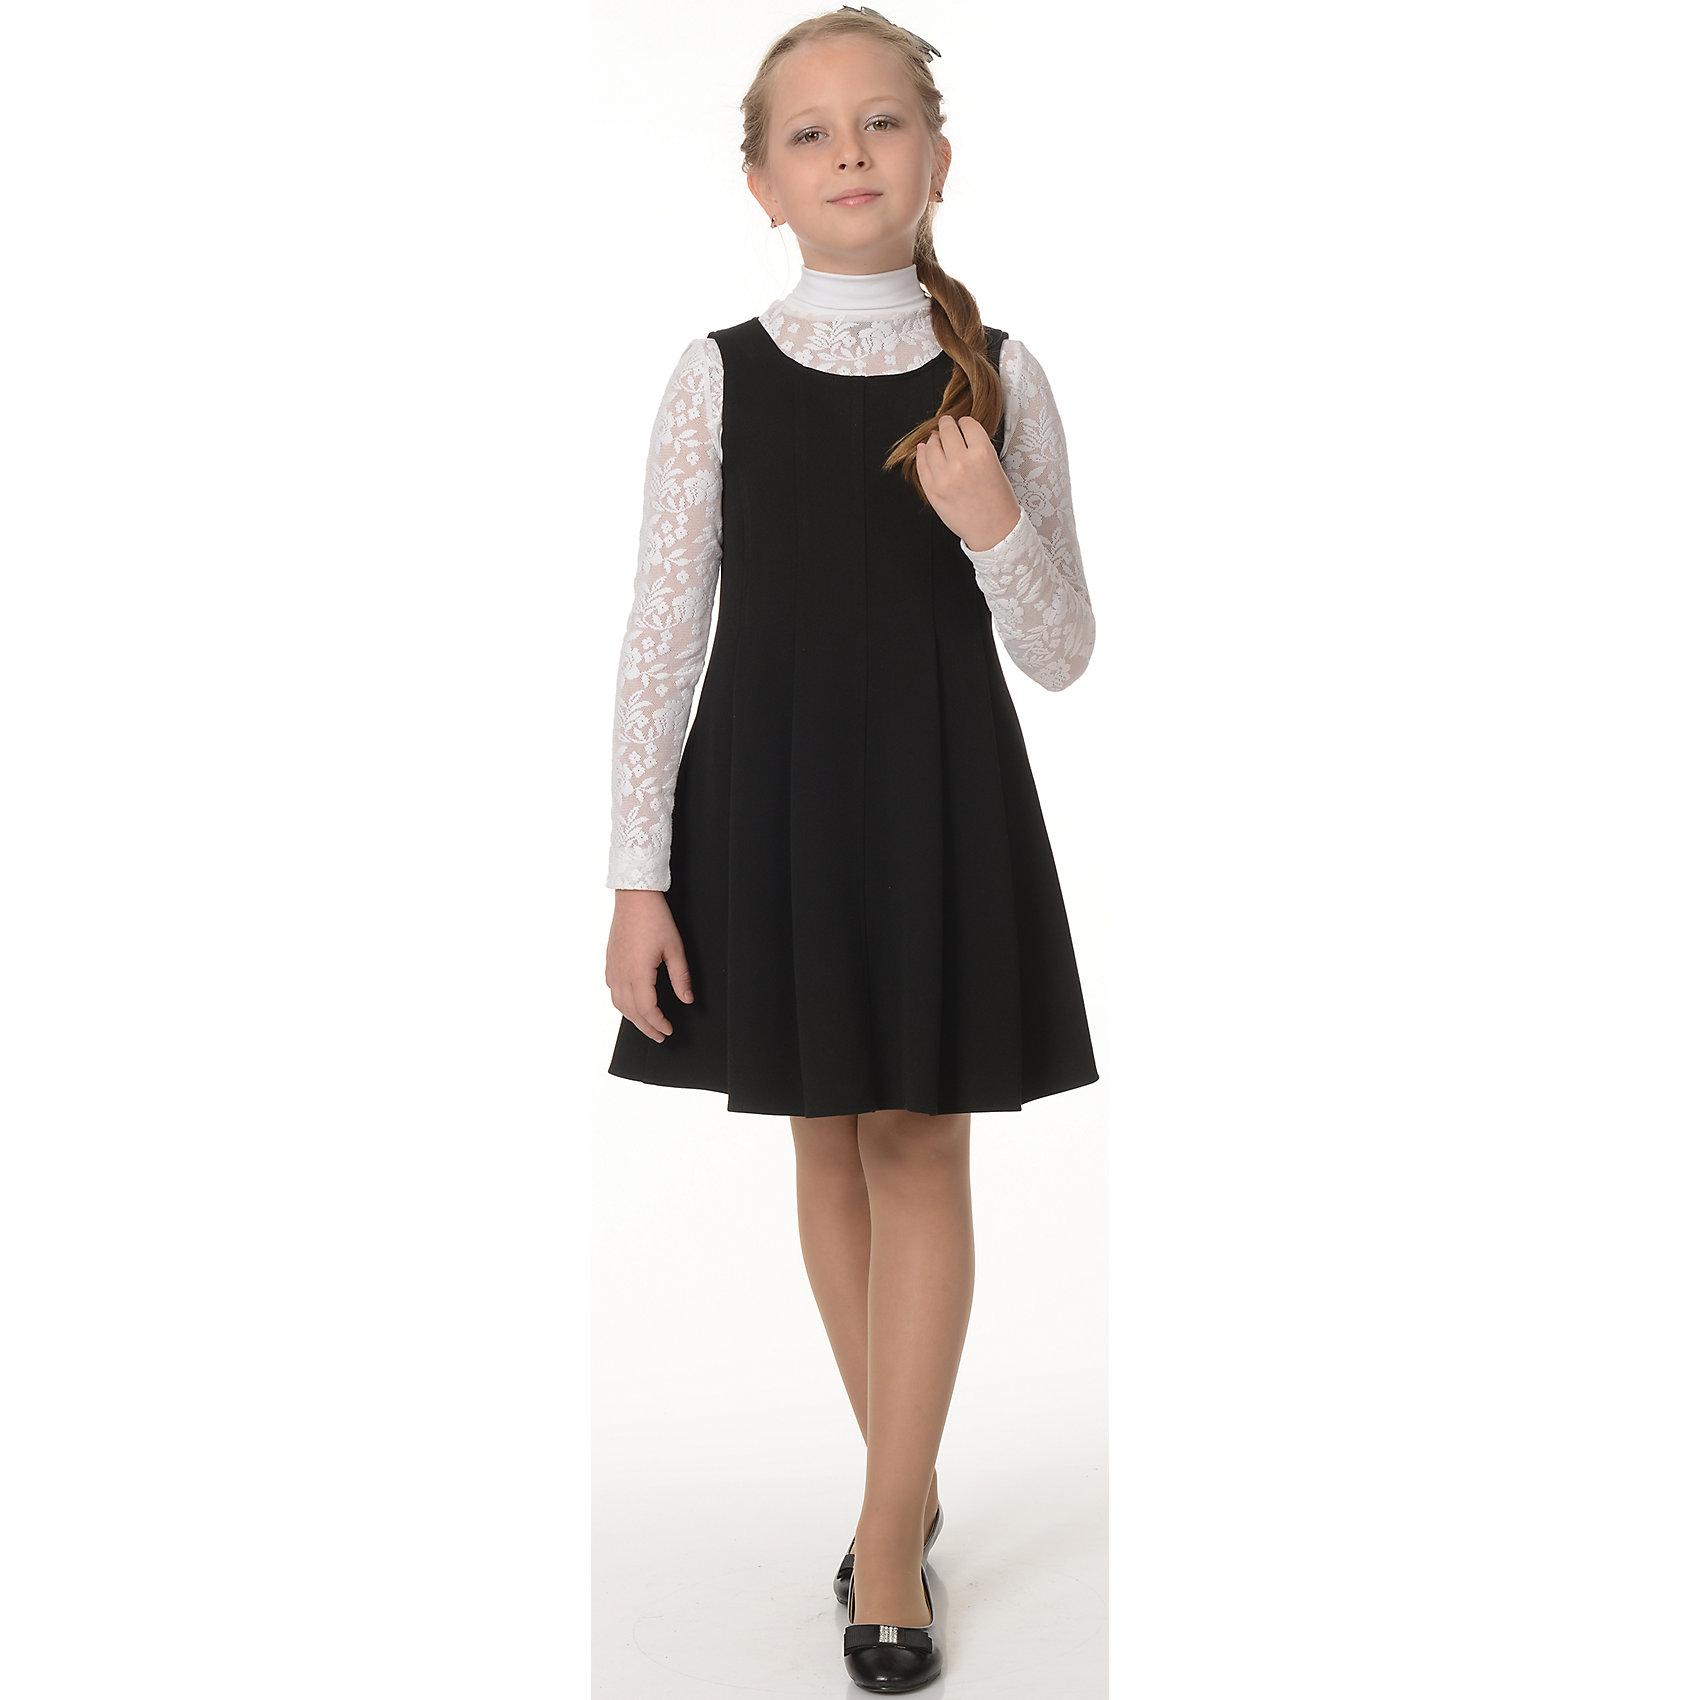 Сарафан для девочки Рио-Габардин SkylakeПлатья и сарафаны<br>Характеристики товара:<br><br>• цвет: черный<br>• материал: 60% полиэстер, 35% вискоза, 5% лайкра<br>• полуприлегающий силуэт<br>• расклешенный<br>• застежка: молния<br>• рукава реглан<br>• легкий уход <br>• страна бренда: Российская Федерация<br>• страна производства: Российская Федерация<br><br>Школьный сарафан для девочки Рио-Габардин от известного бренда Skylake. Классический сарафан выполнен из однотонной ткани рио-габардин черного цвета. Сарафан  прилегающего силуэта, к низу расклешеный. Вырез горловины круглый. Спинка со средним швом и  длинной потайной застежкой «молнией». <br><br>Это изделие сшито из качественного материала, хорошо сидит на детской фигуре, легко стирается.<br><br>Сарафан для девочки Рио-Габардин от бренда SKY LAKE (Скай Лэйк) можно купить в нашем интернет-магазине.<br><br>Ширина мм: 236<br>Глубина мм: 16<br>Высота мм: 184<br>Вес г: 177<br>Цвет: черный<br>Возраст от месяцев: 96<br>Возраст до месяцев: 108<br>Пол: Женский<br>Возраст: Детский<br>Размер: 134,128,140,158,152,146<br>SKU: 4710084